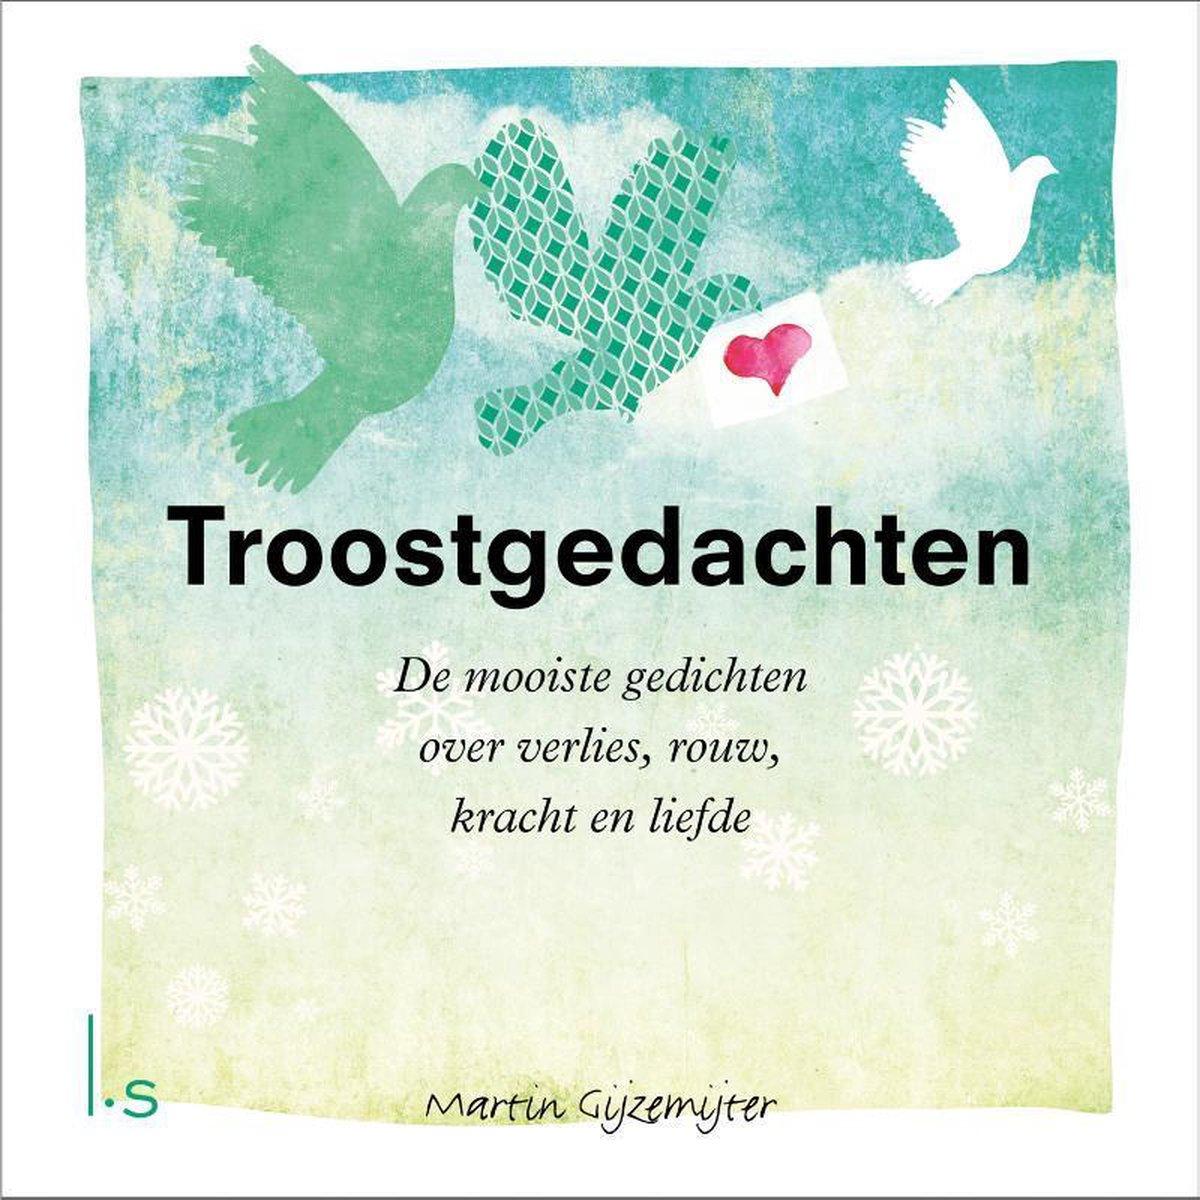 Fonkelnieuw bol.com   Troostgedachten, Martin Gijzemijter   9789024579167   Boeken LP-83